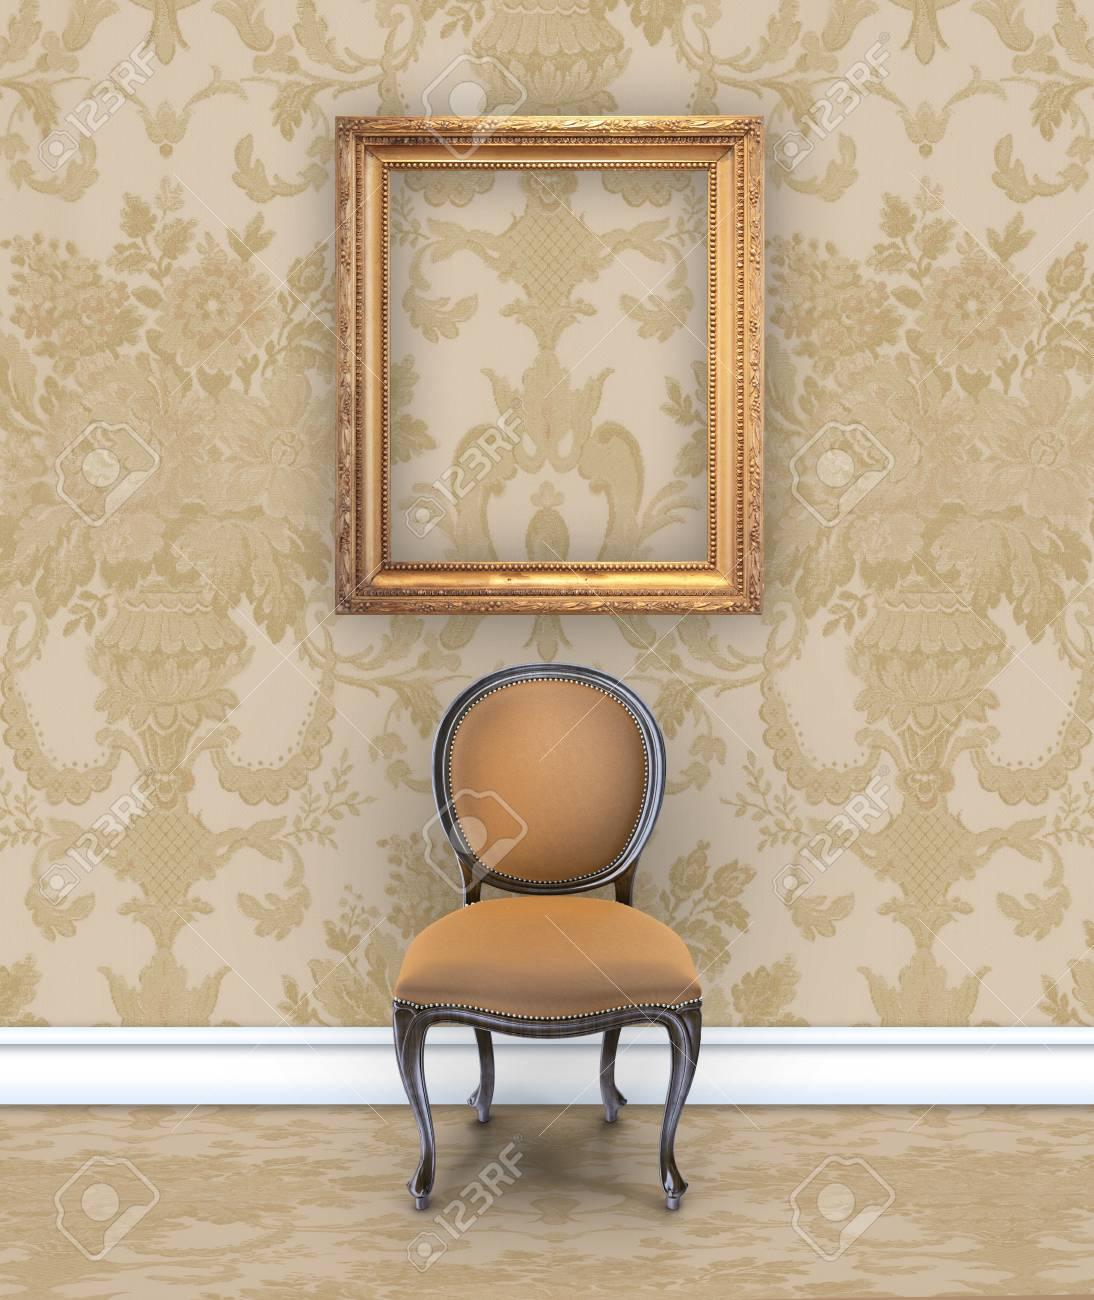 mur avec un riche papier peint damasse beige une chaise en velours et un cadre dore vide banque d images et photos libres de droits image 85609694